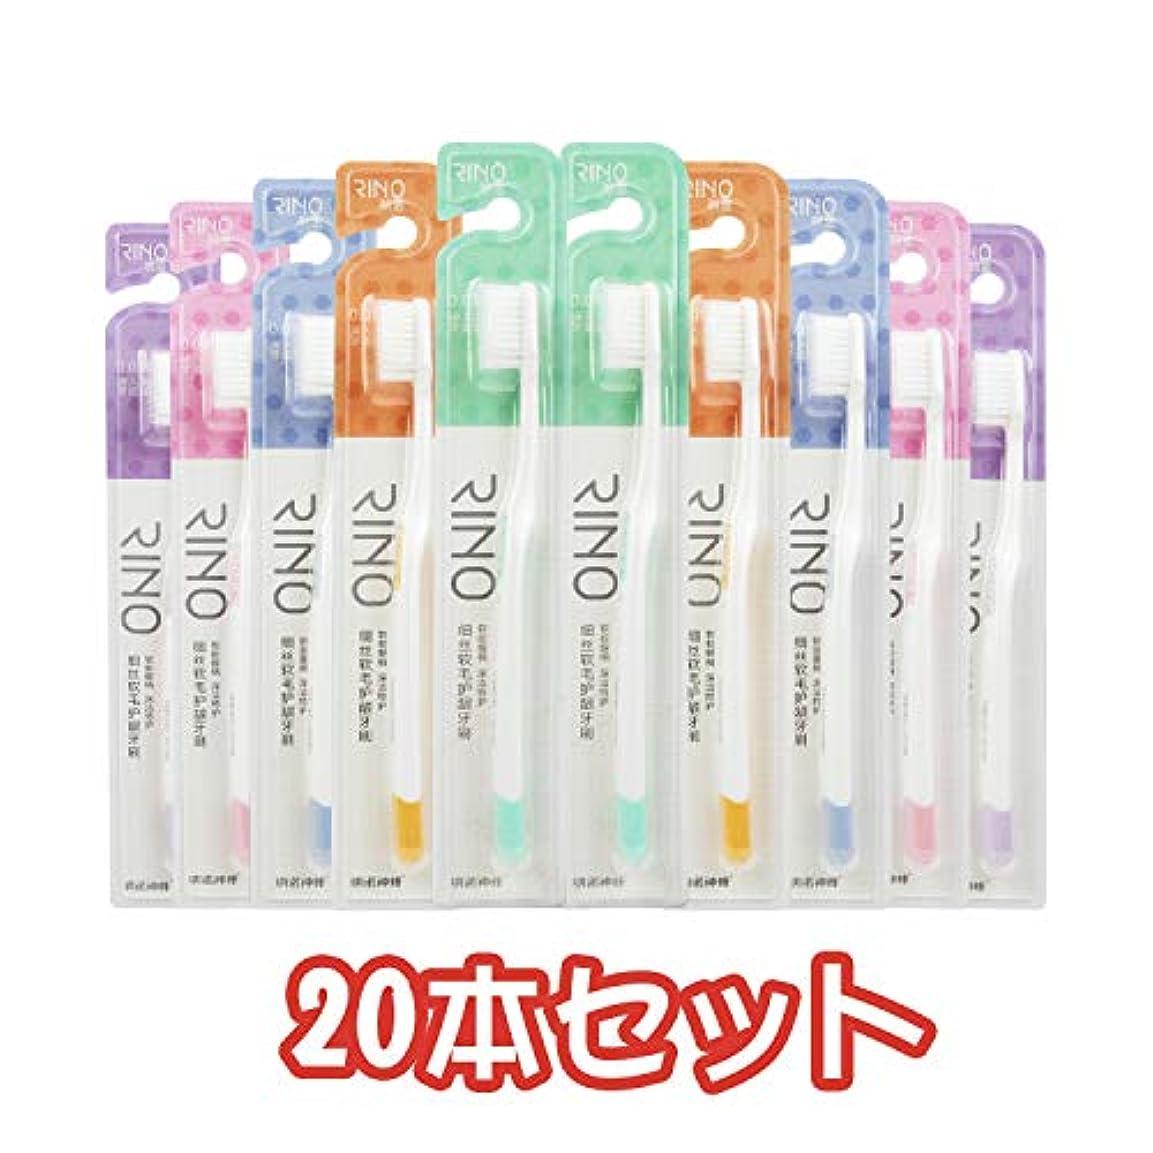 放課後送金手綱Nano 20本セット やわらかい 歯ブラシ 大人用 耐久性 旅行用 子供 卸売価格 安い歯ブラシ